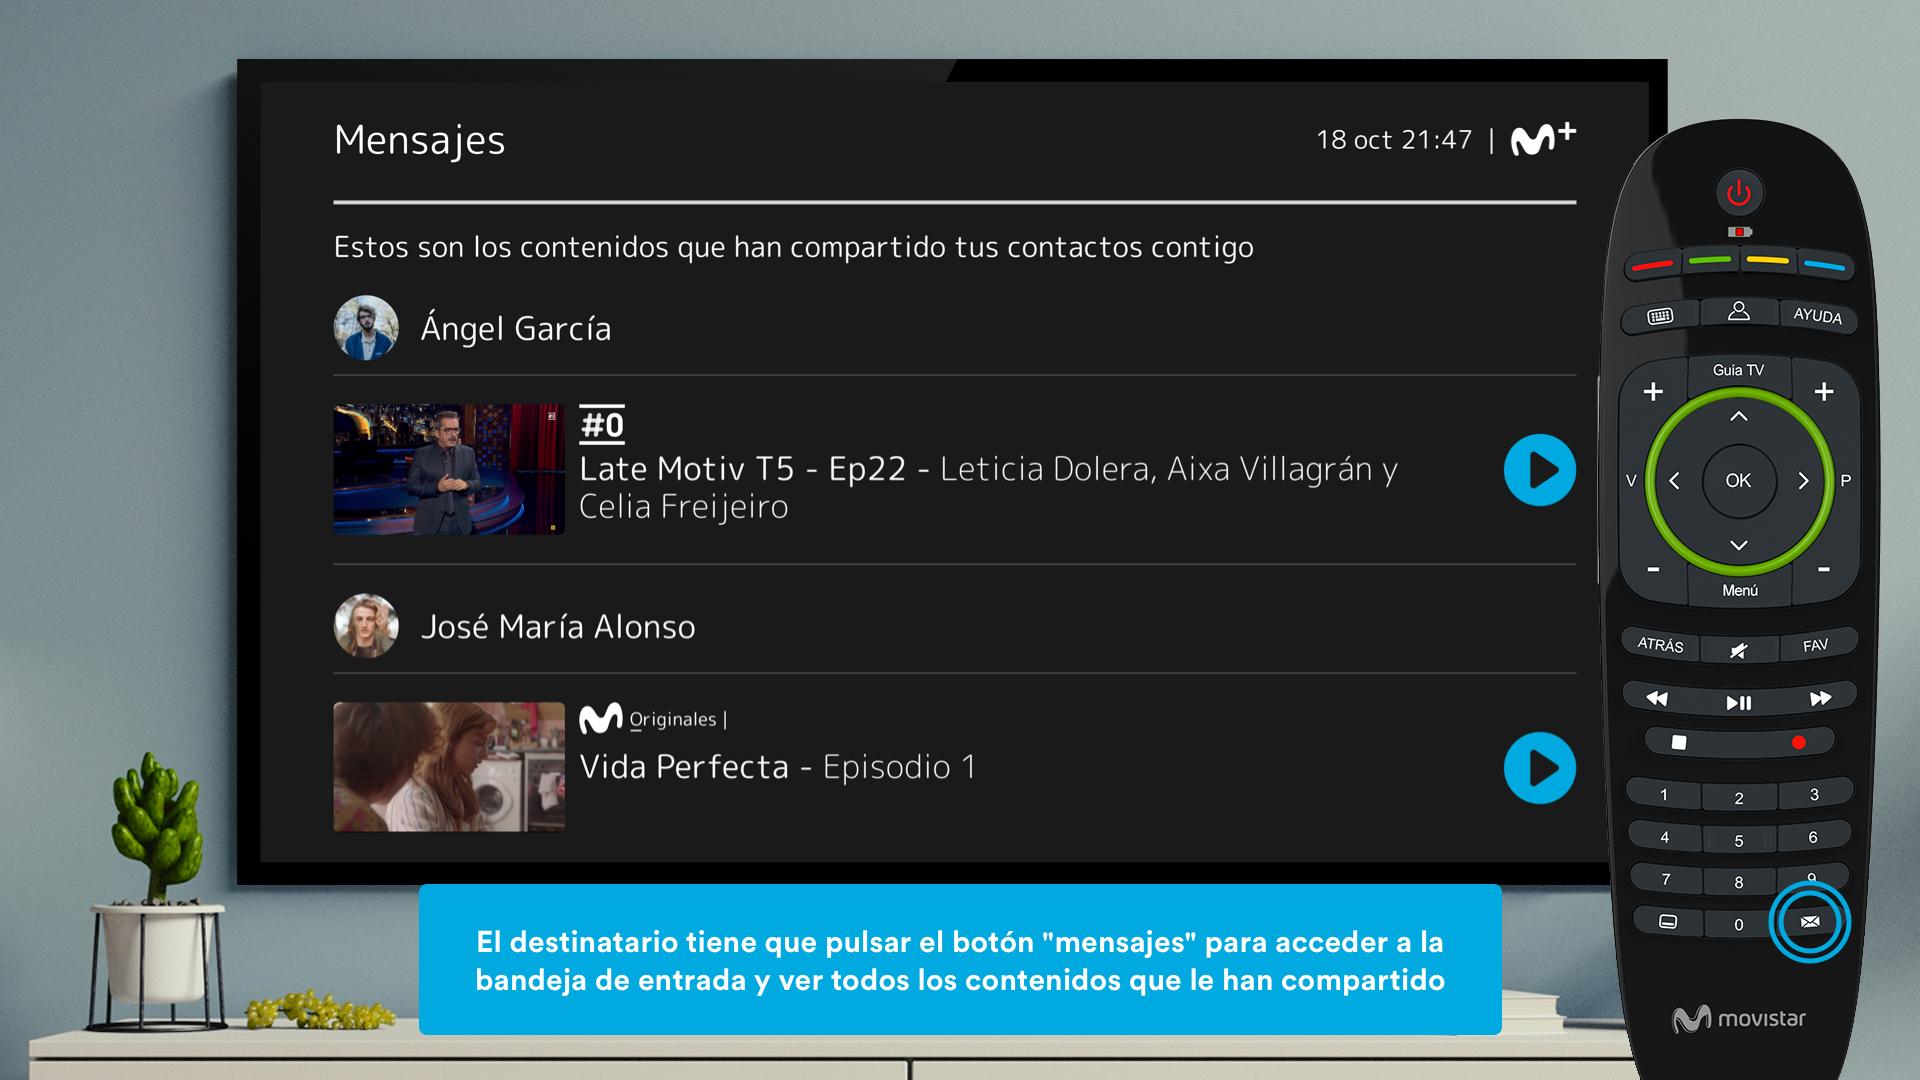 Desco-social7. Movistar+: investigación y diseño UX